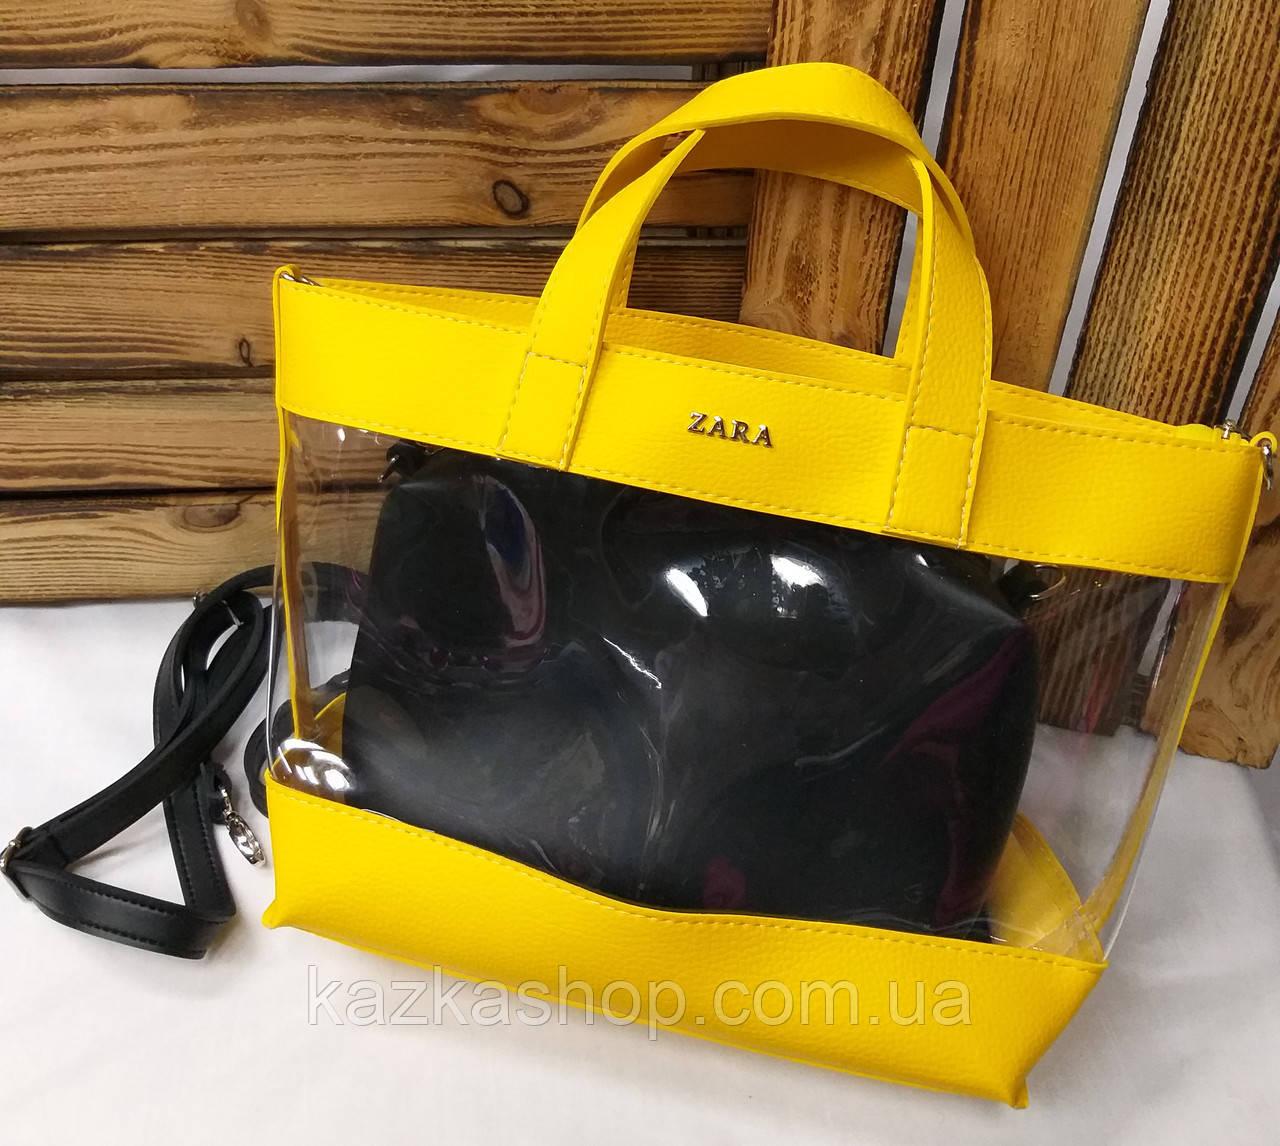 e087a5ea0d80 Женская сумка из эко-кожи, силиконовая, прозрачная, один отдел, с логотипом